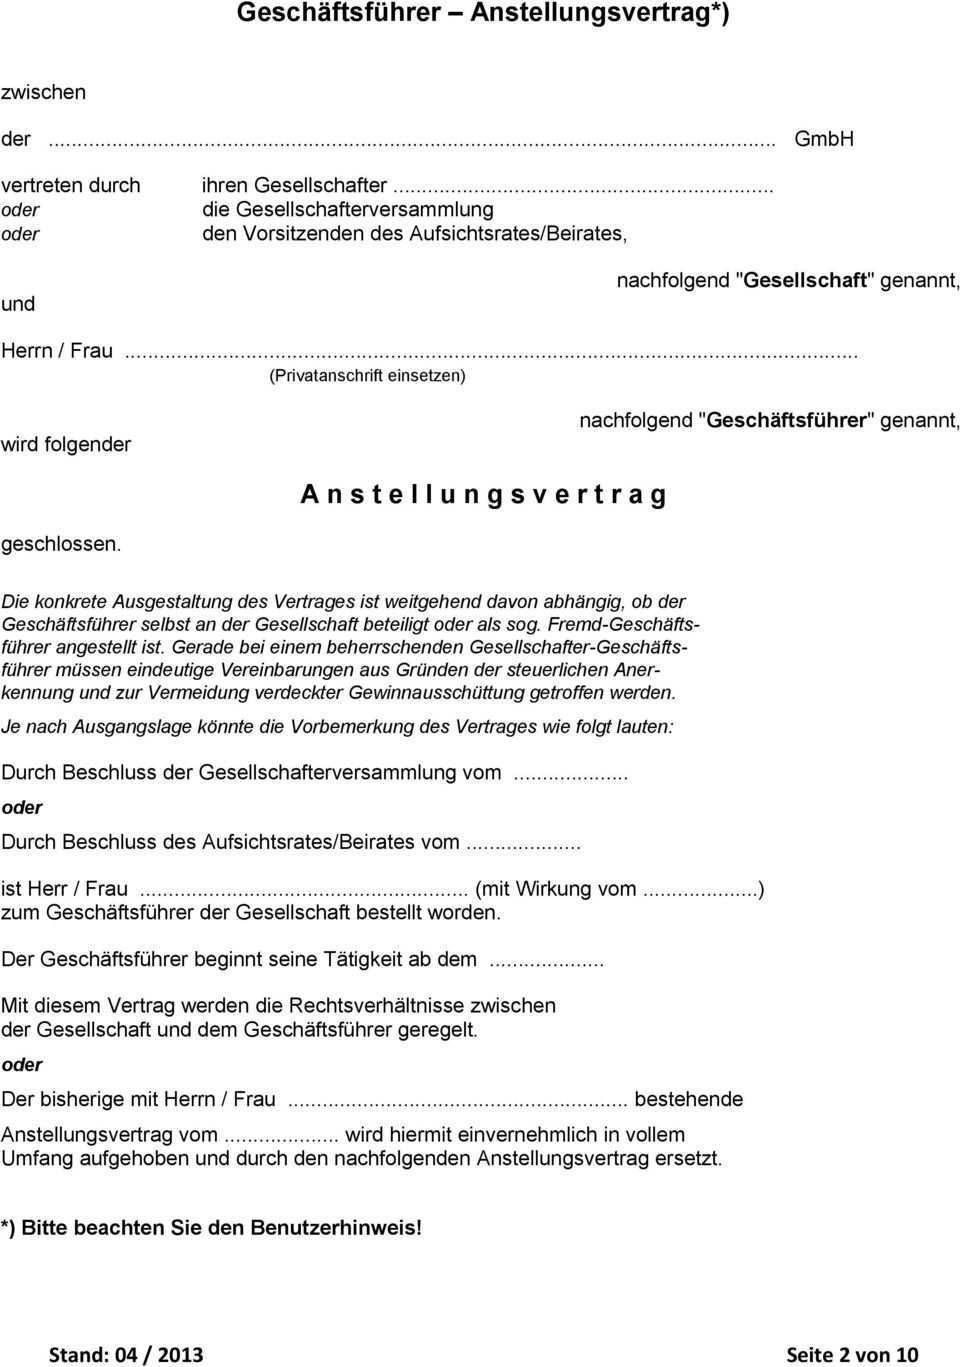 Standard Anstellungsvertrag Fur Gmbh Ug Geschaftsfuhrer Pdf Kostenfreier Download